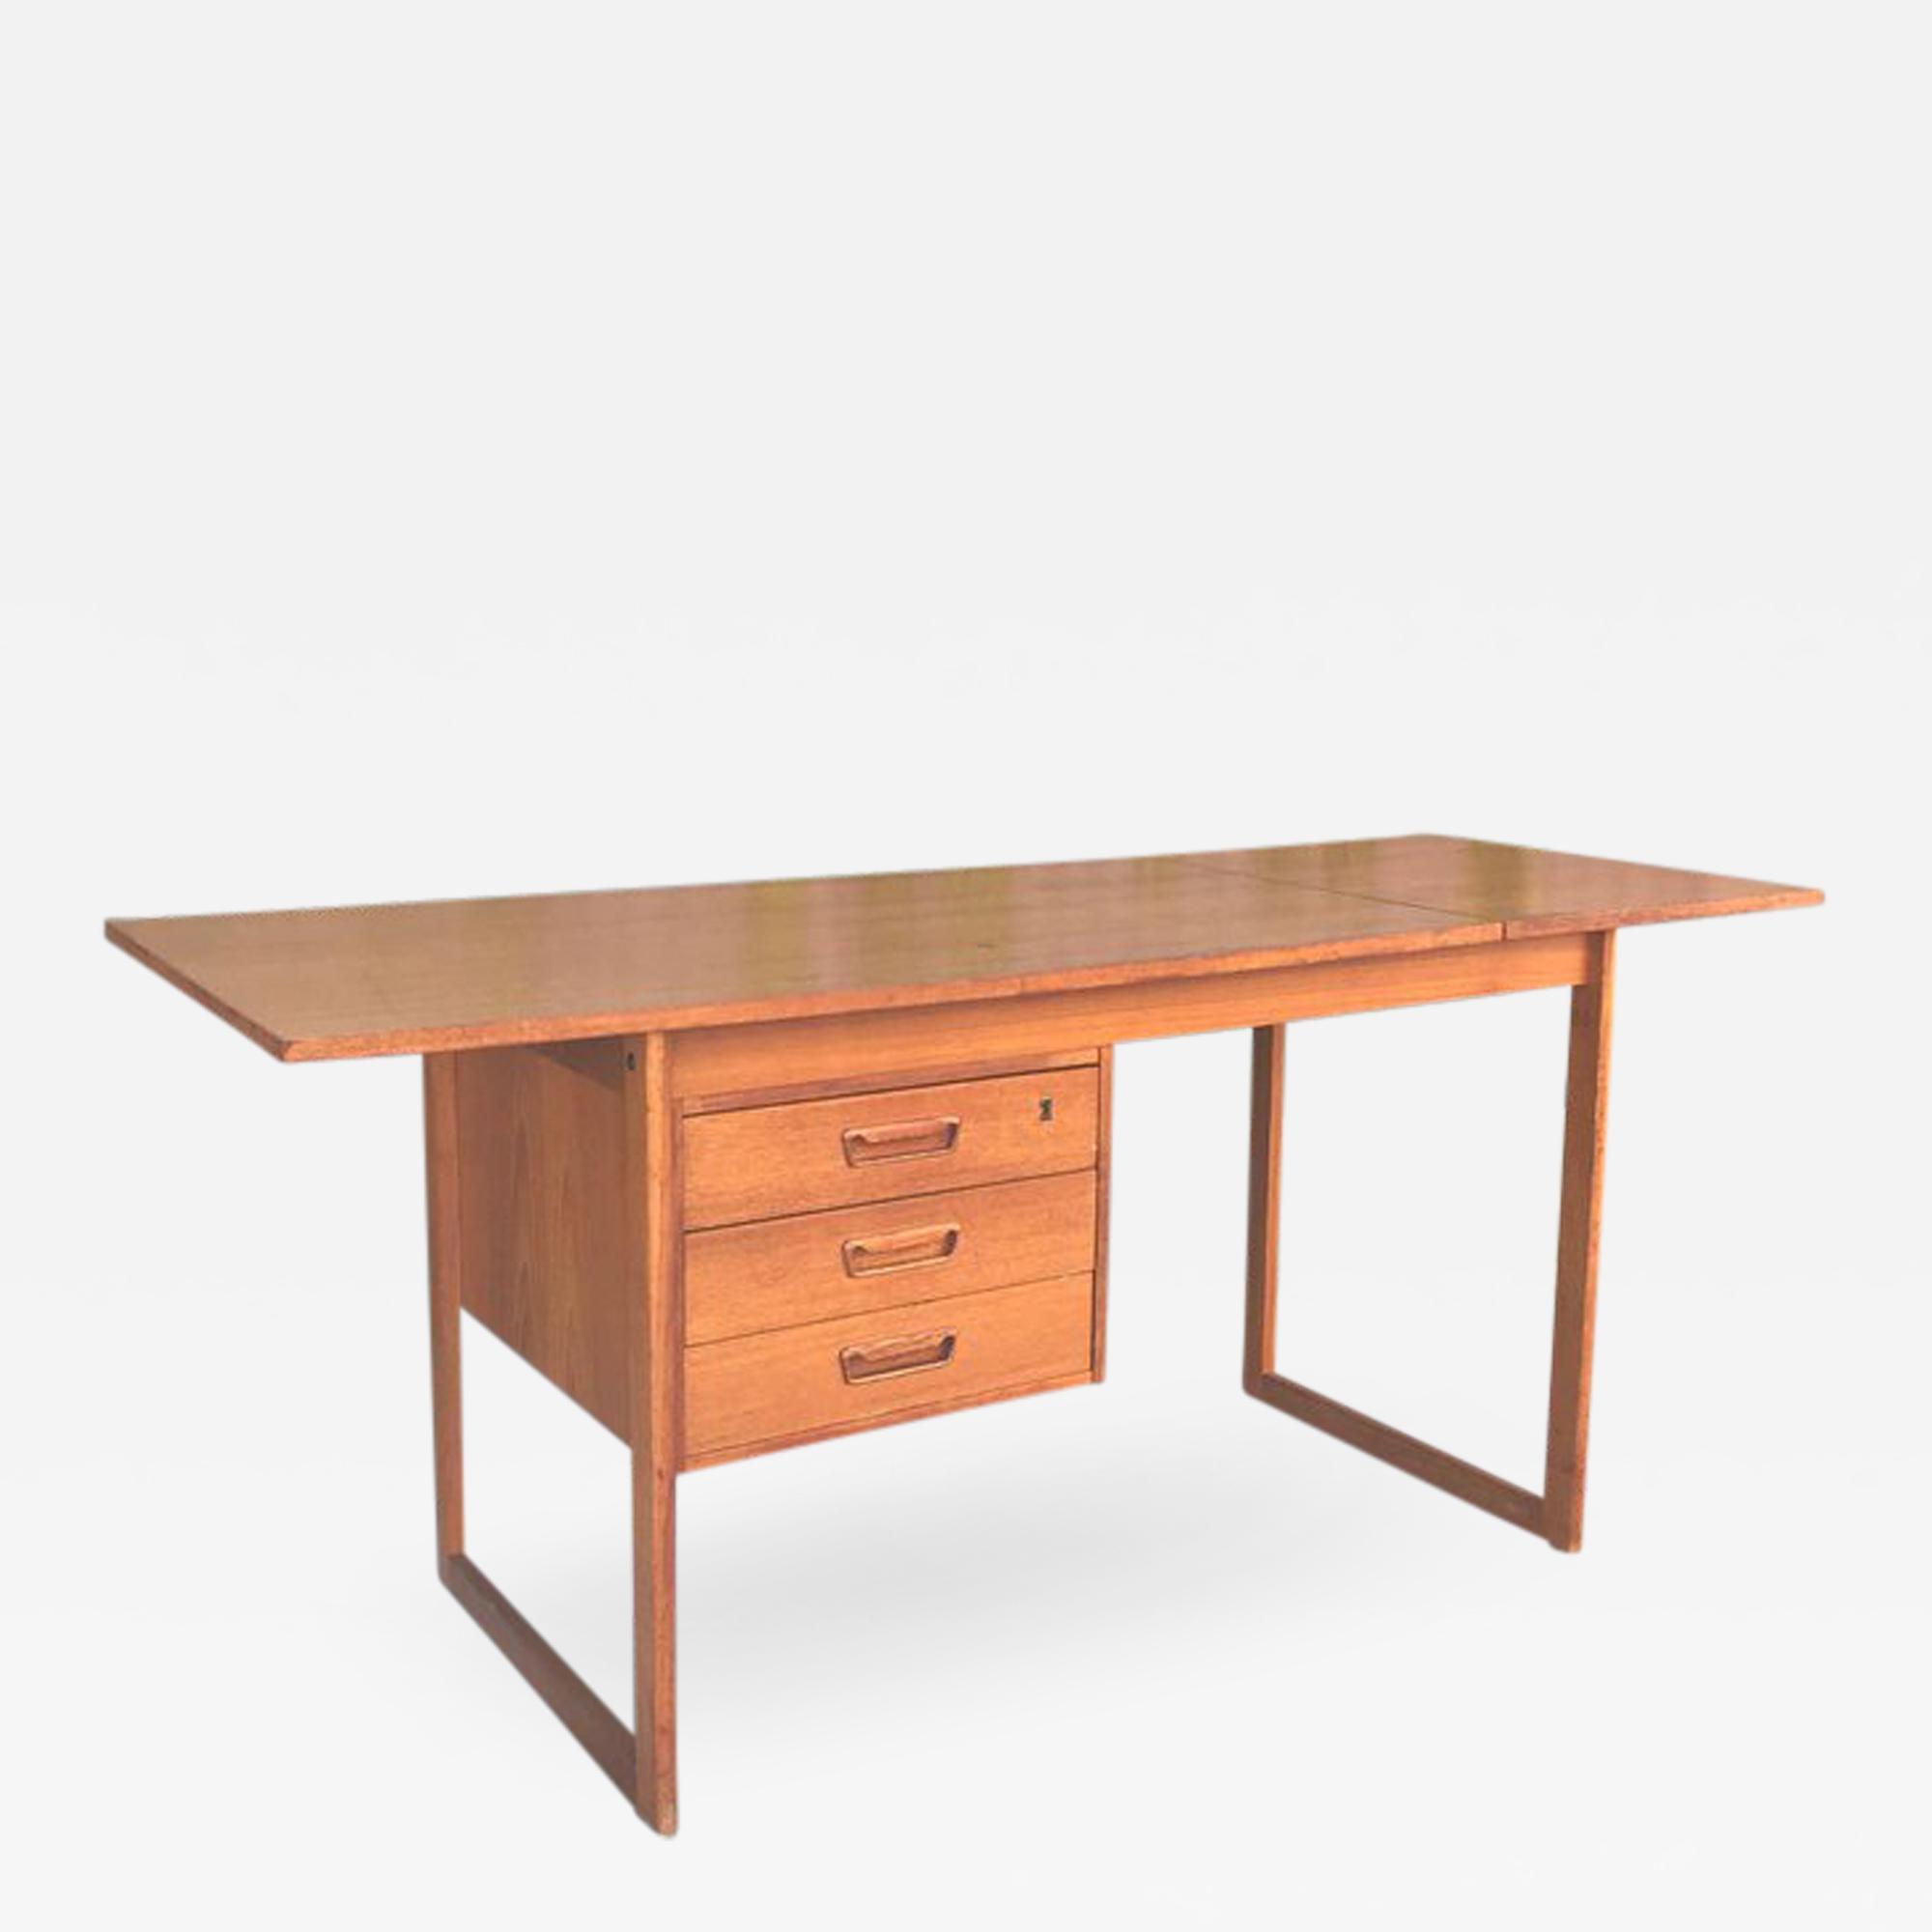 Midcentury Danish Modern Teak Desk Arne Vodder Modern Desk